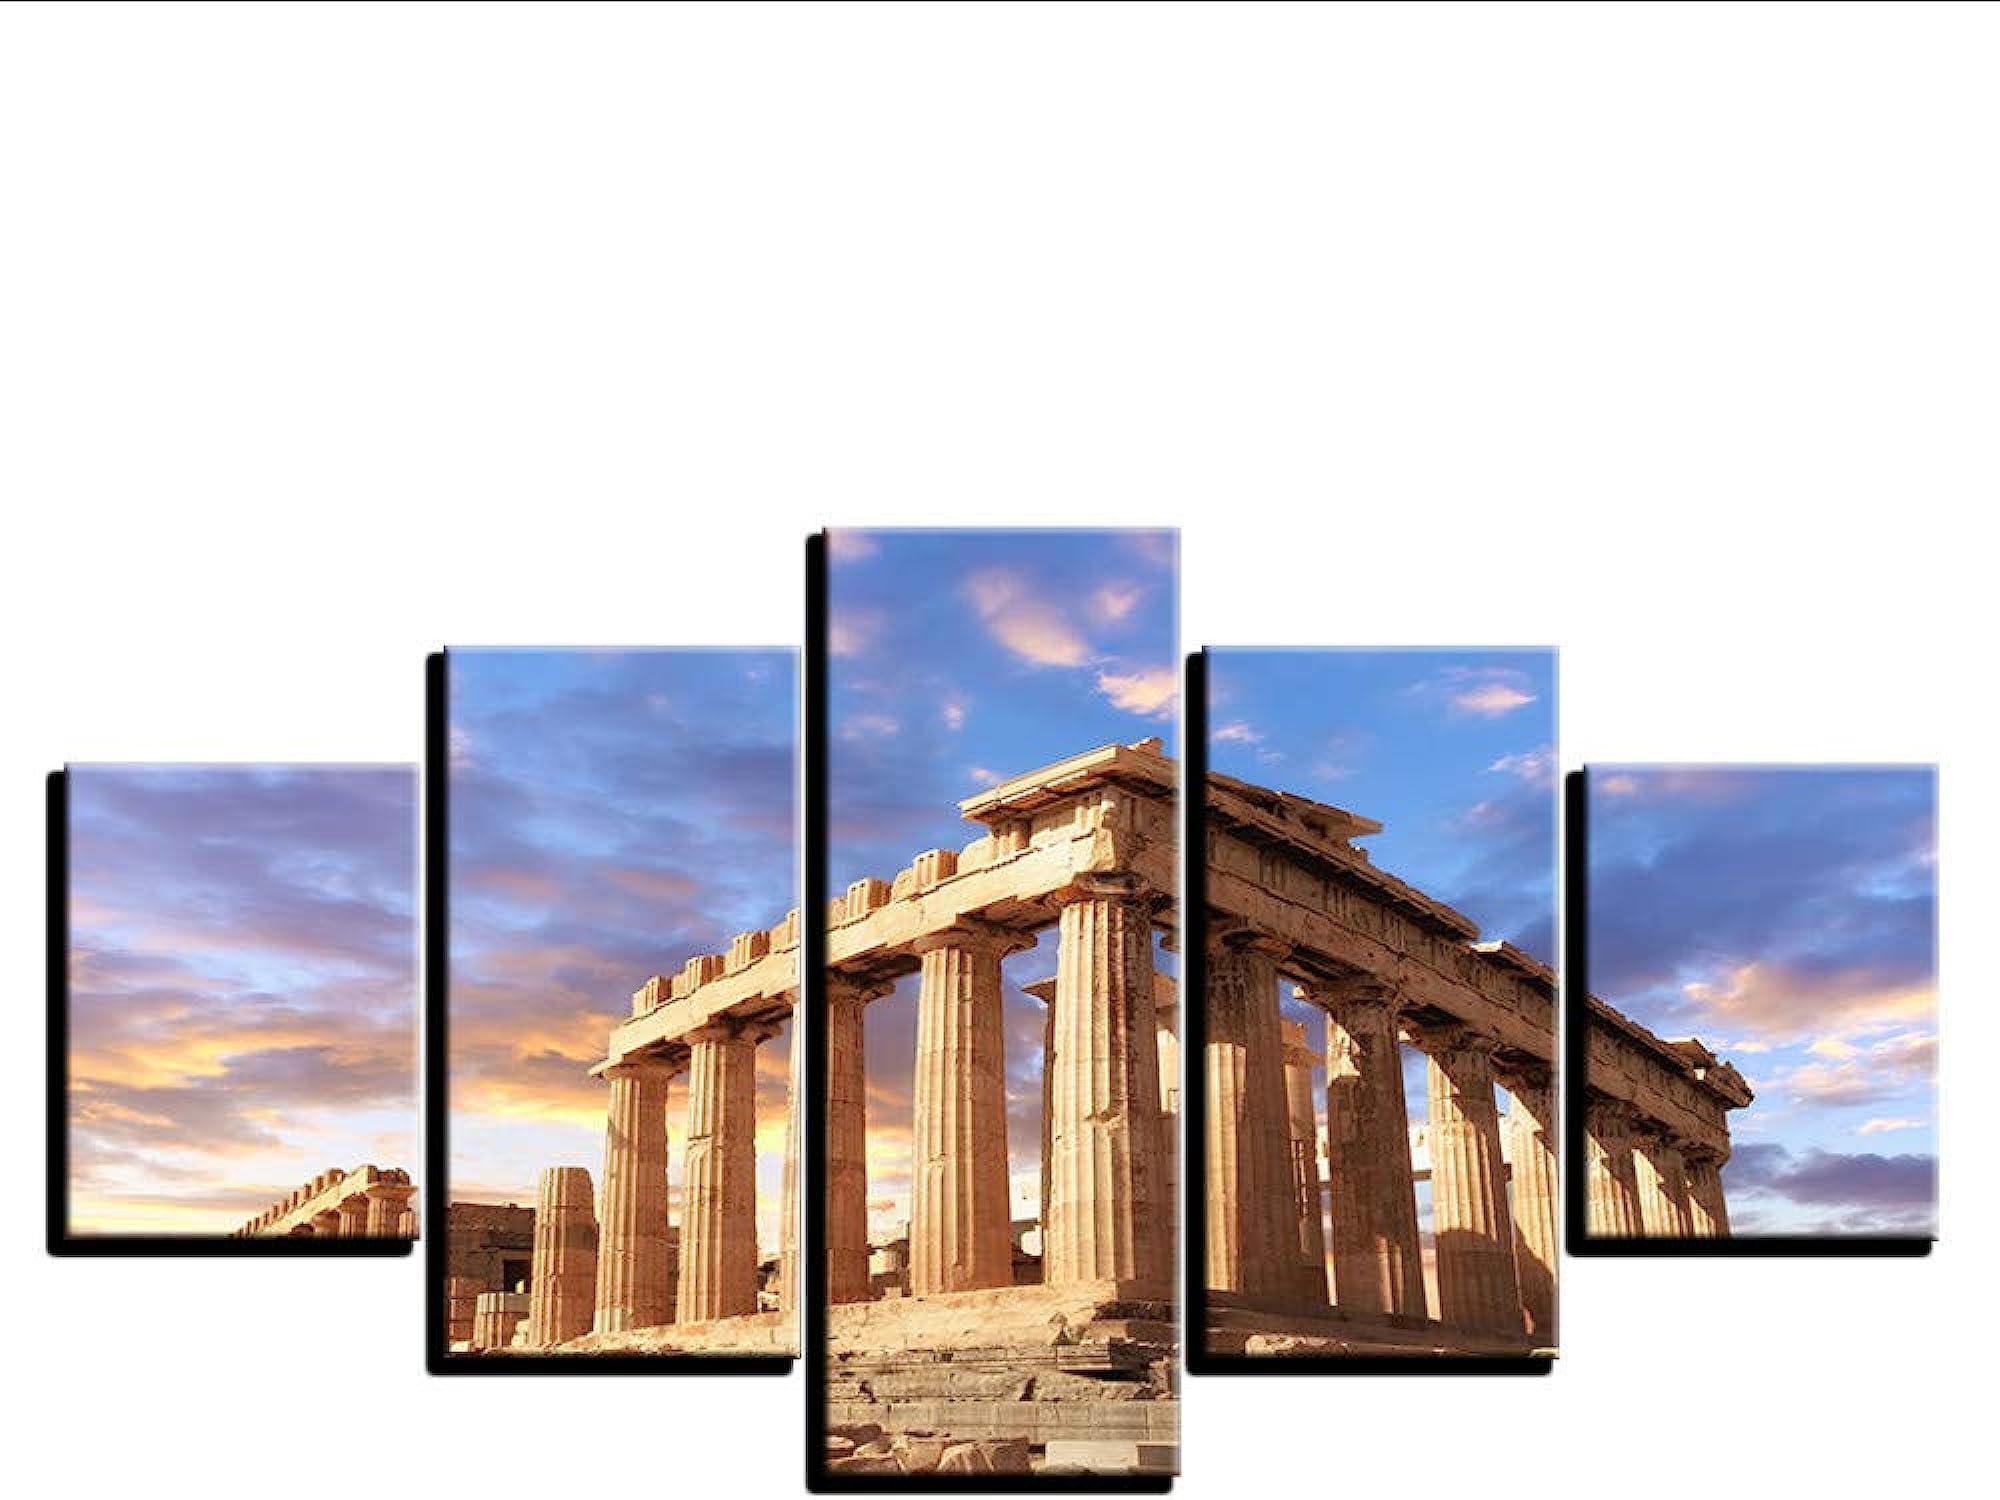 las mejores marcas venden barato Guyuell HD Wall Posters Home Decoration Art Pictures Moderno Moderno Moderno 5 Panel Acrópolis Edificio Paisaje para La Sala De Estar Pintura Impresa-20Cmx35 45 55Cm,with Frame  compra en línea hoy